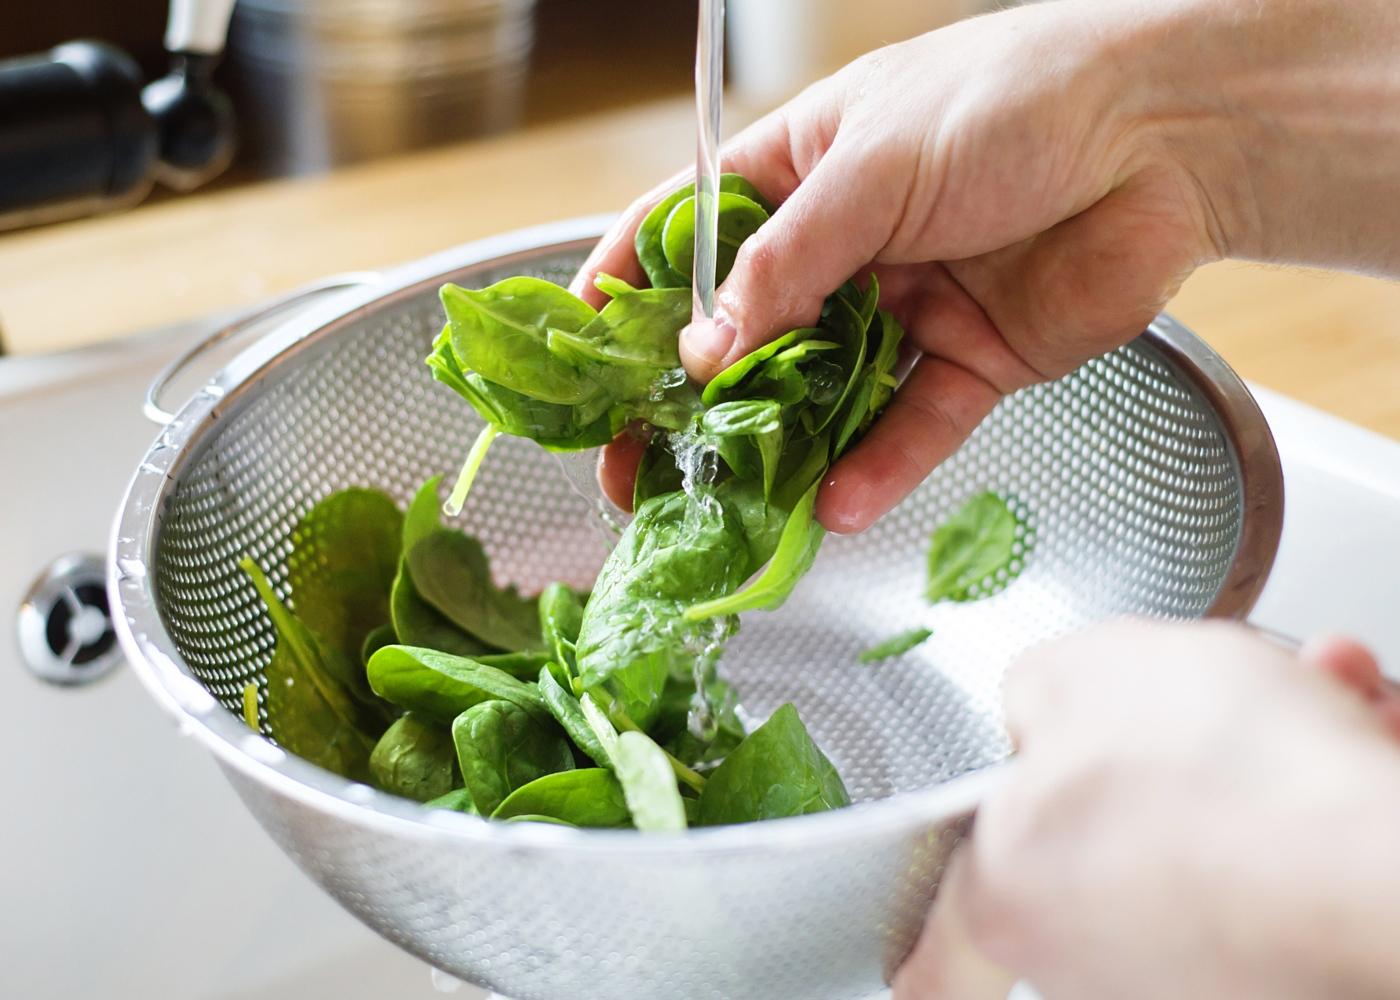 orientações na área da alimentação: mulher a lavar legumes